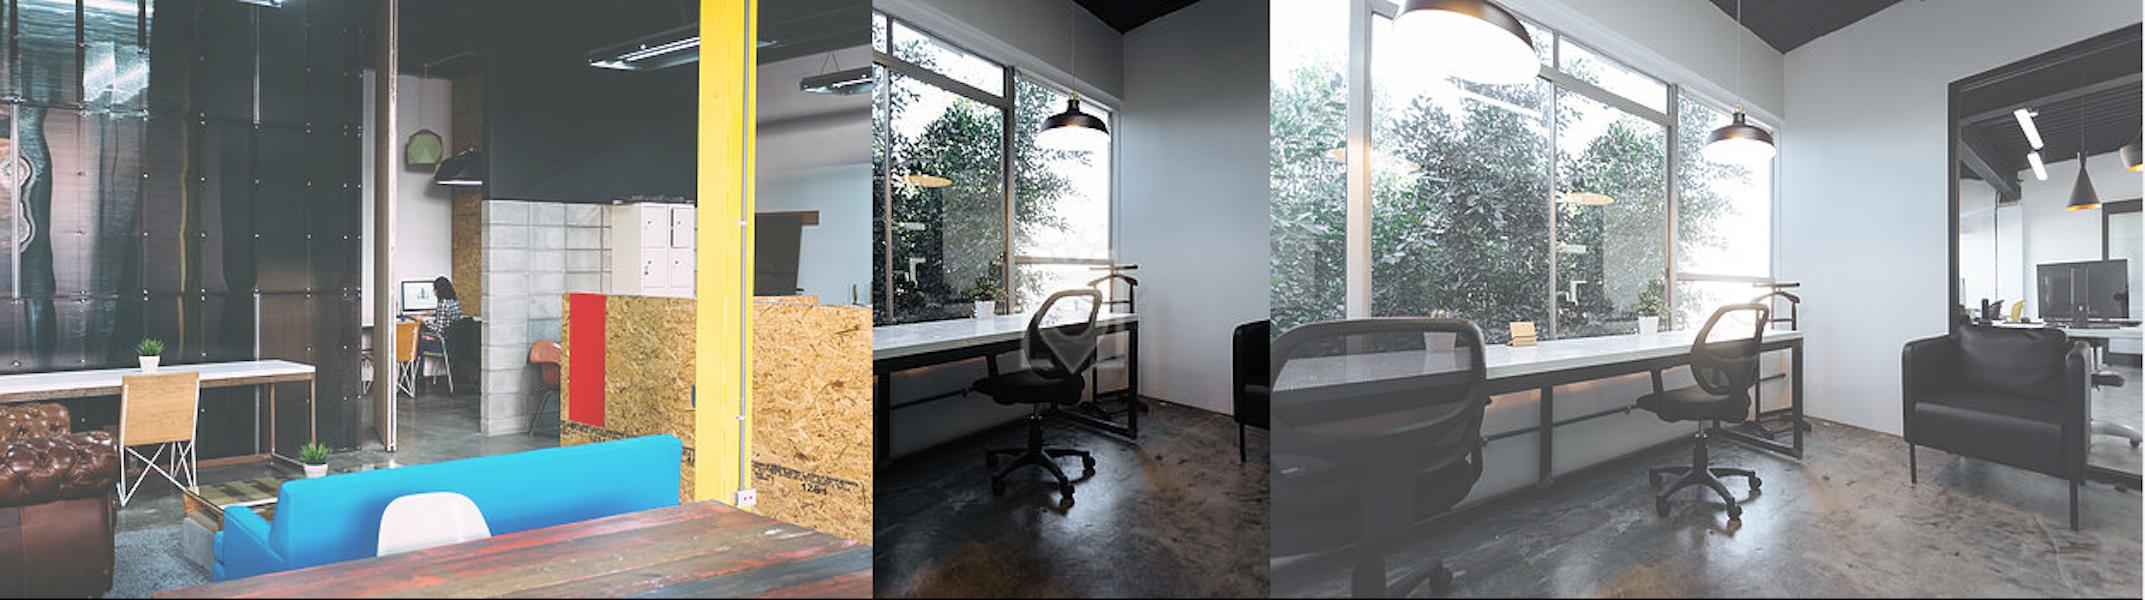 Index Open Studio, Tijuana - Read Reviews & Book Online